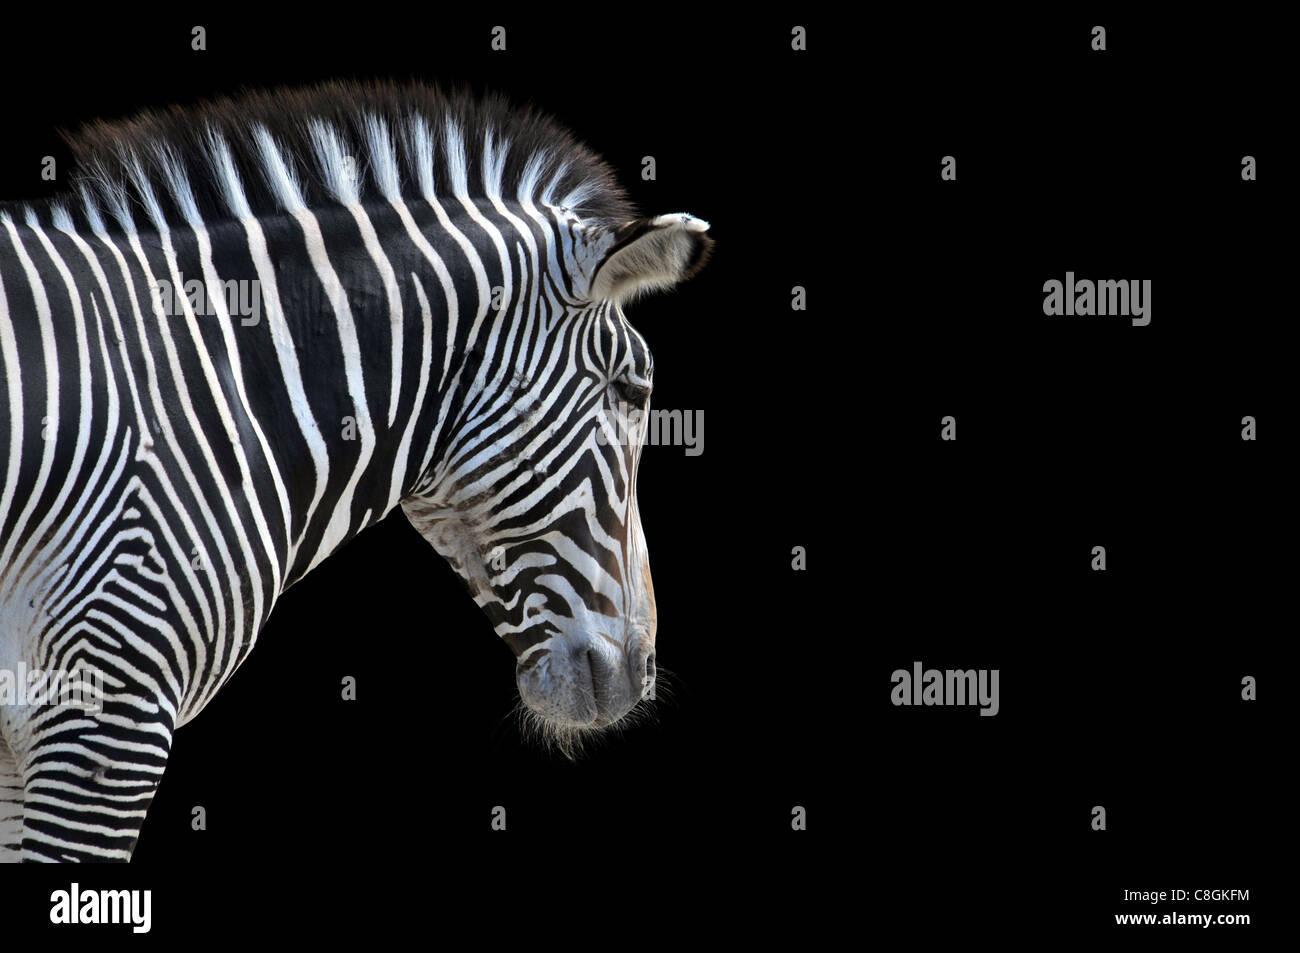 Portrait de Zebra isolé sur un fond noir avec un espace réservé au texte Photo Stock